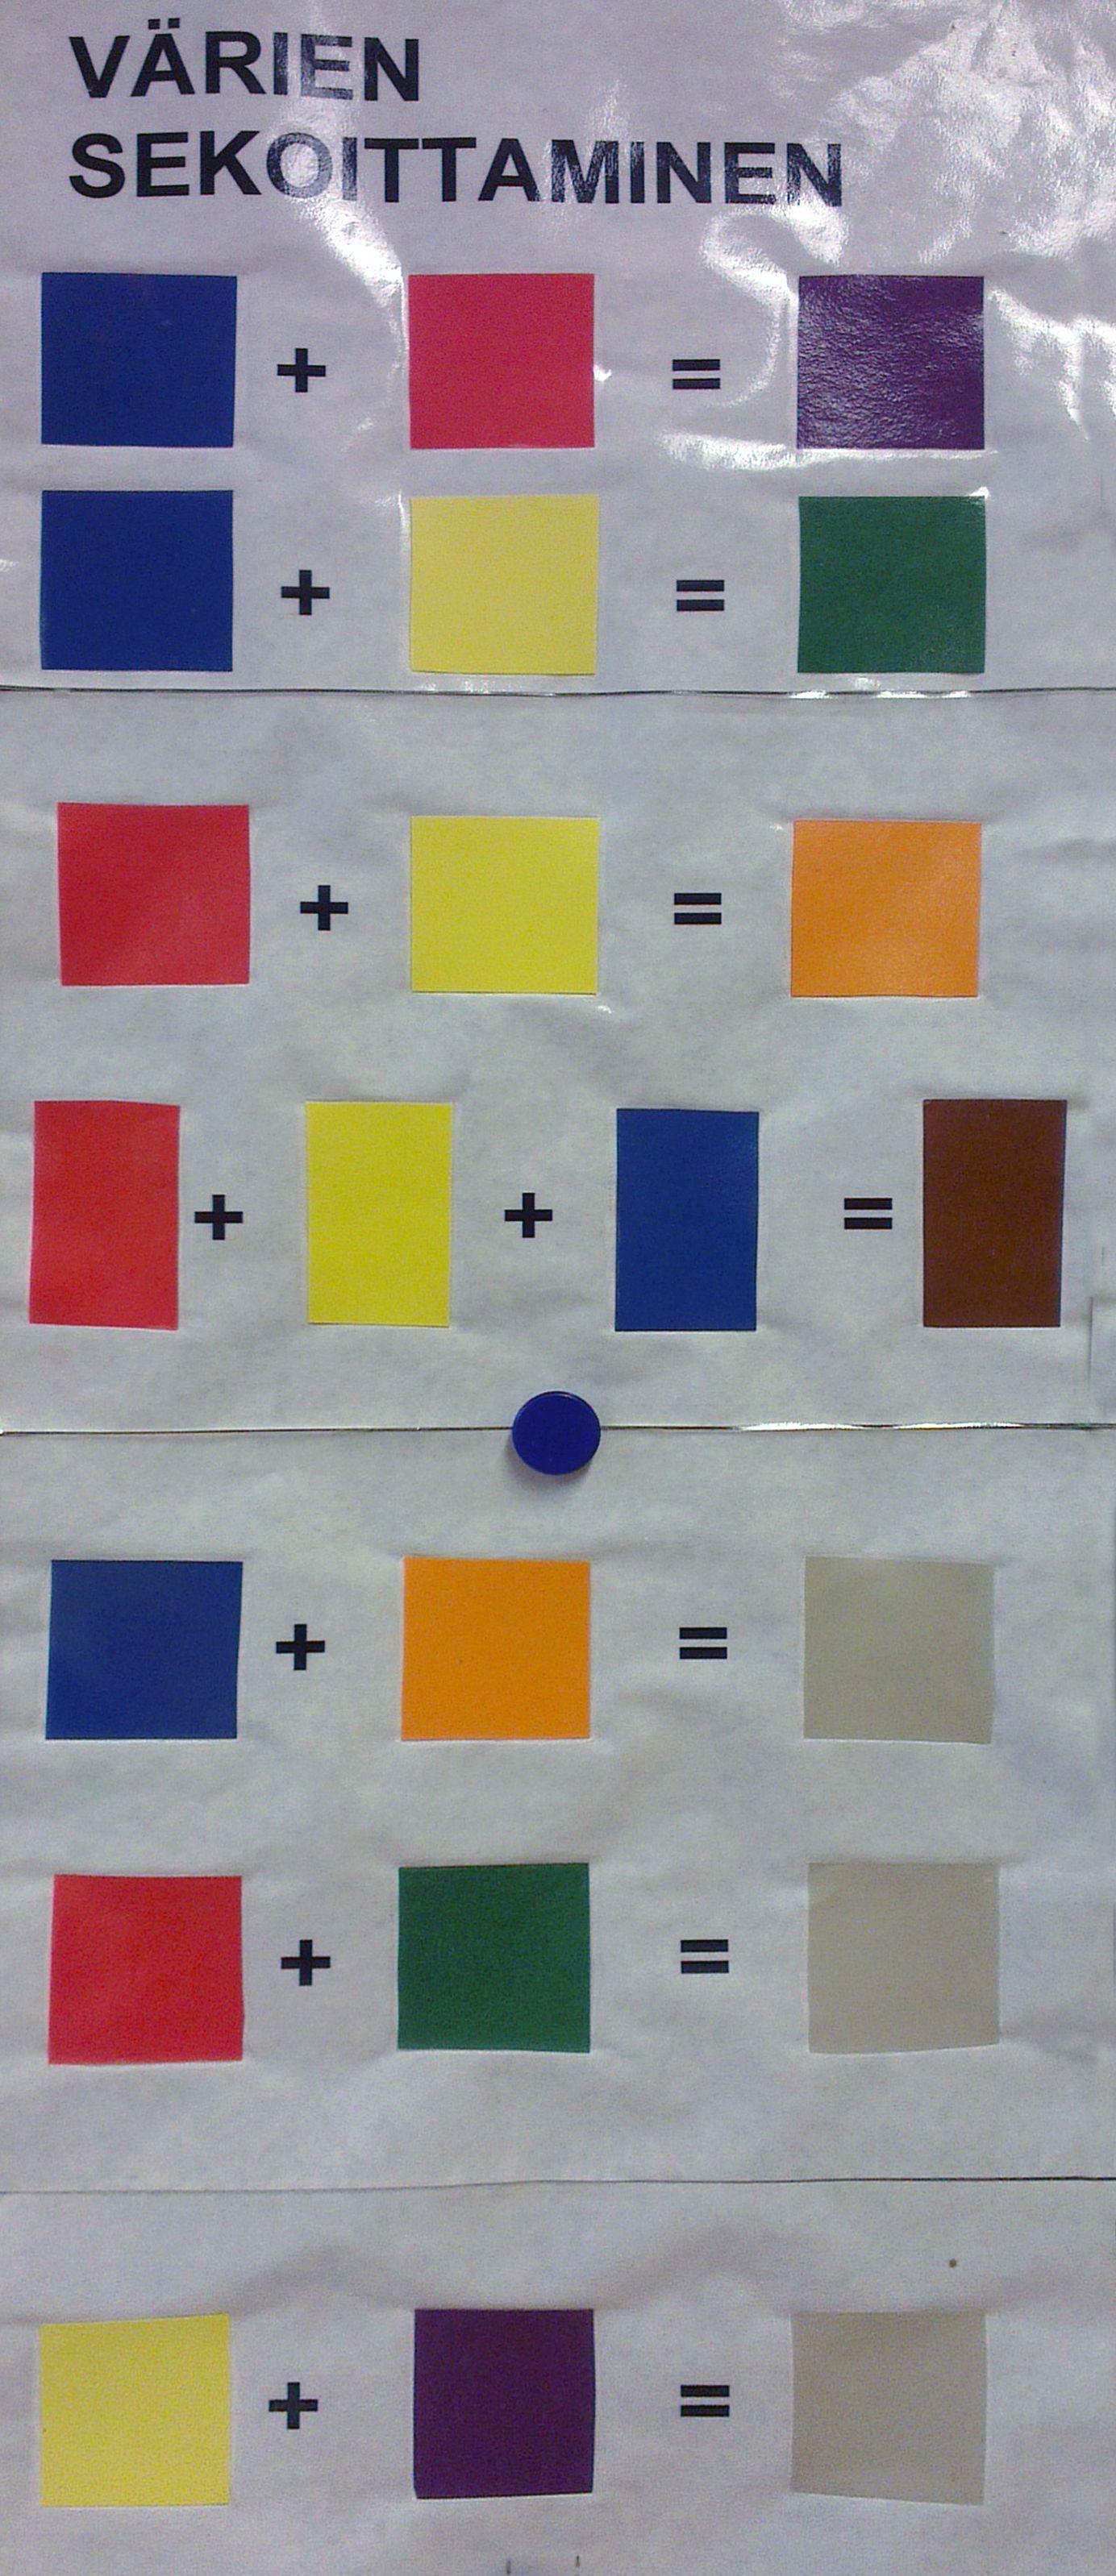 Värien sekoittaminen (ohje).